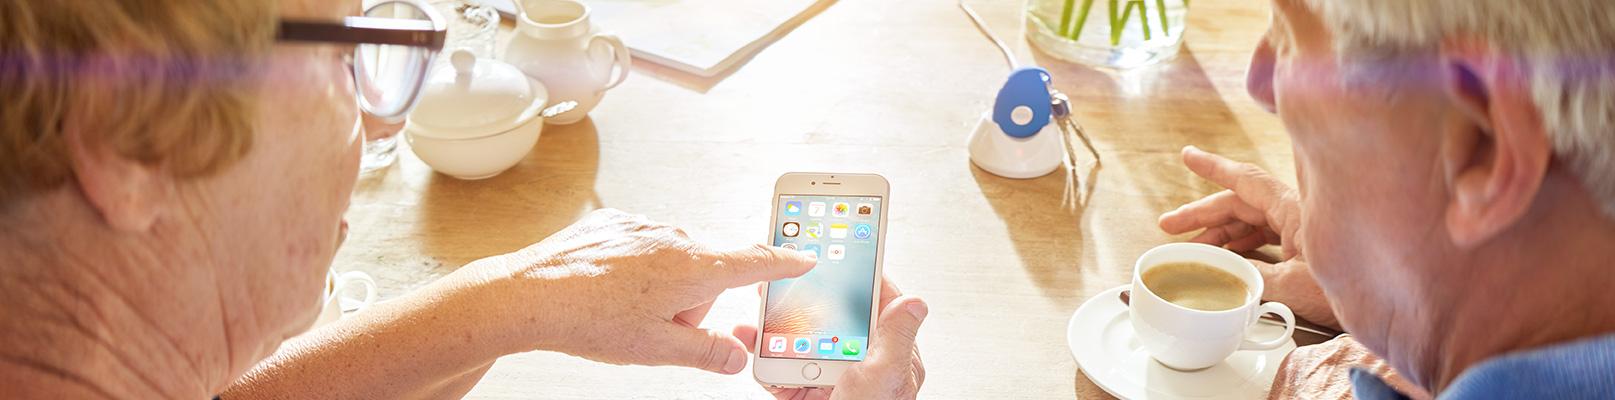 Samen aan tafel cAlarm mobile personenalamering uitzoeken